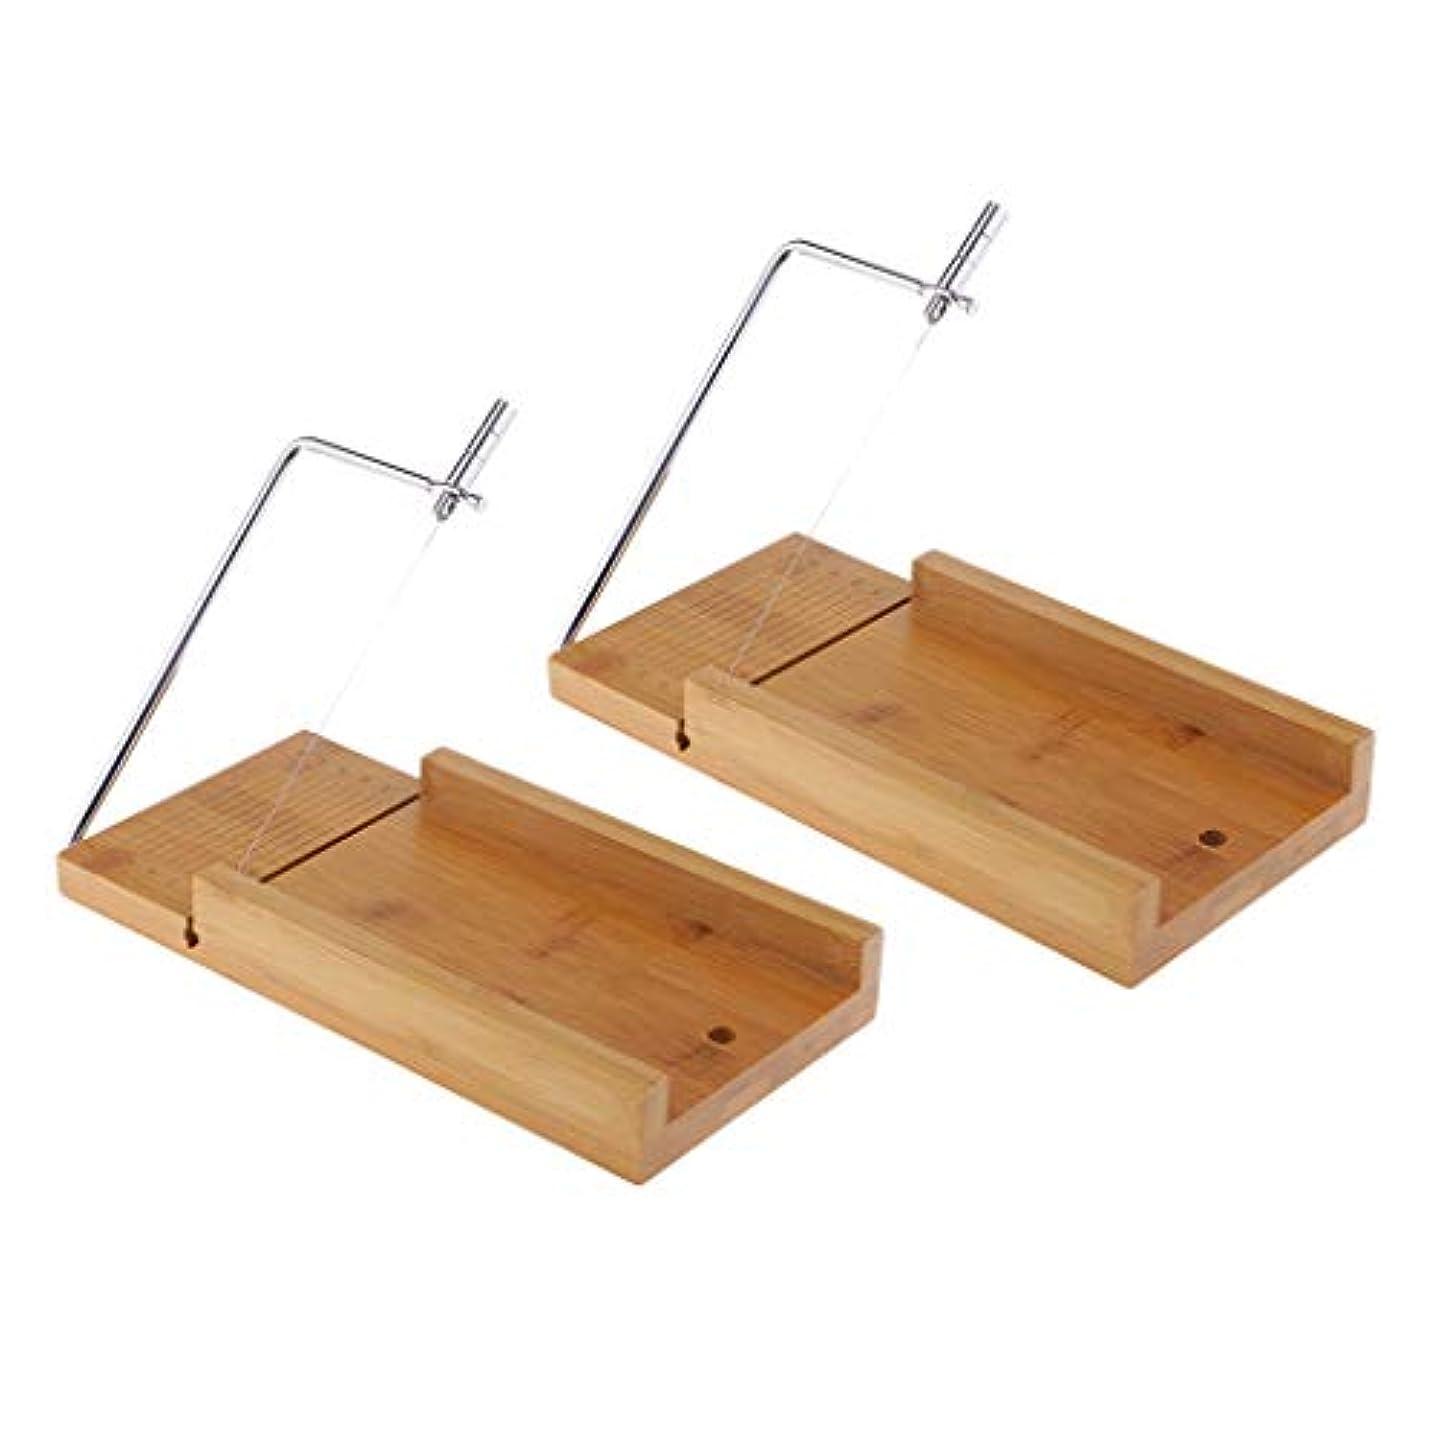 娯楽責任驚きソープカッター チーズナイフ ワイヤー せっけんカッター 台 木質 石鹸切削工具 2個入り